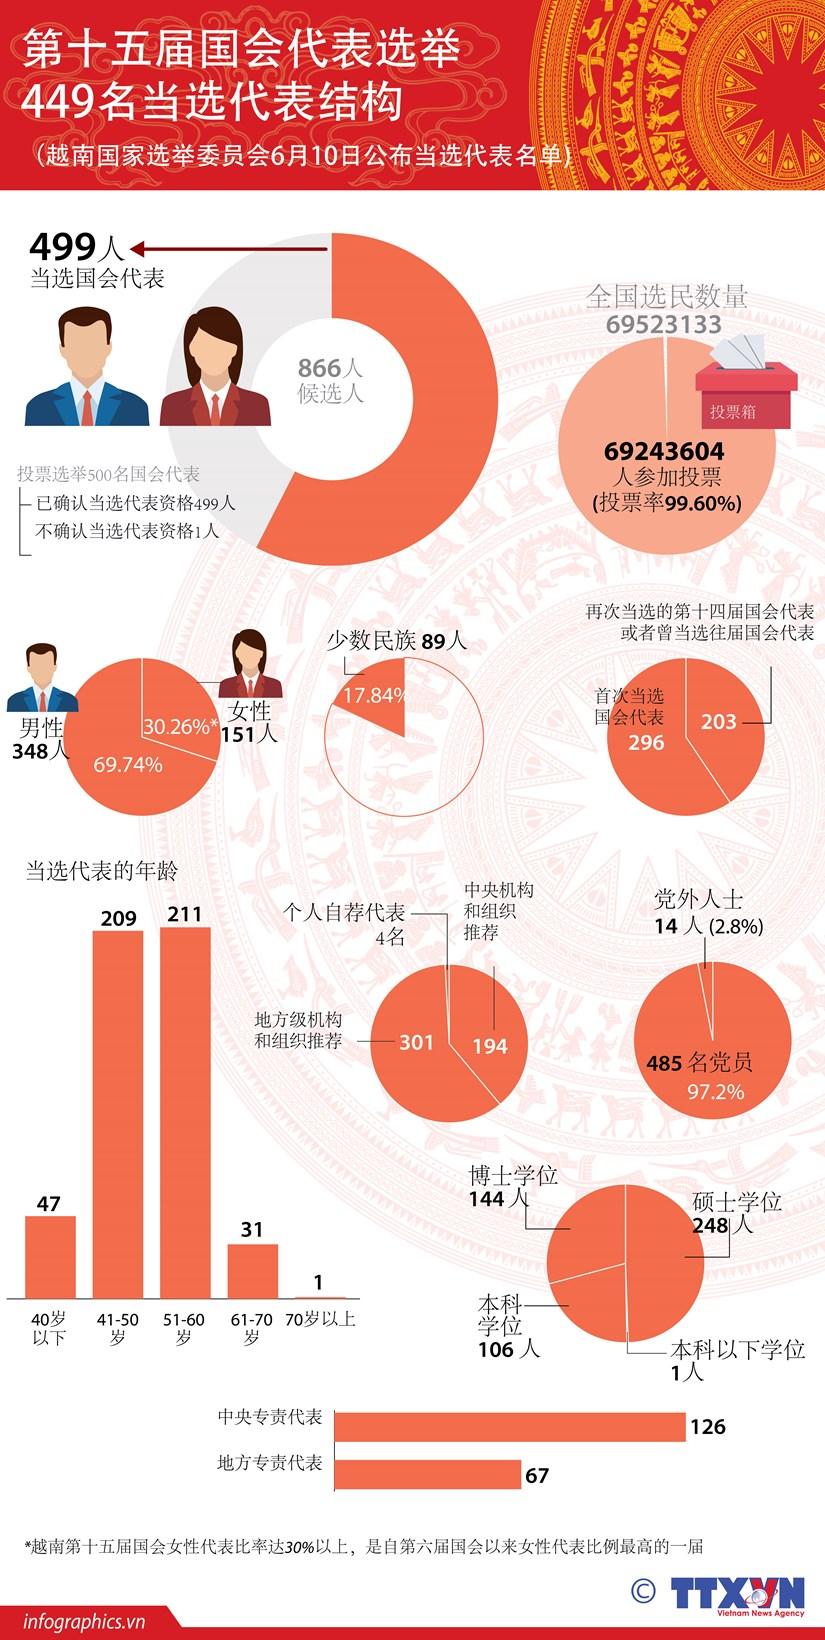 图表新闻:第十五届国会代表选举结果出炉 449名当选国会代表 hinh anh 1